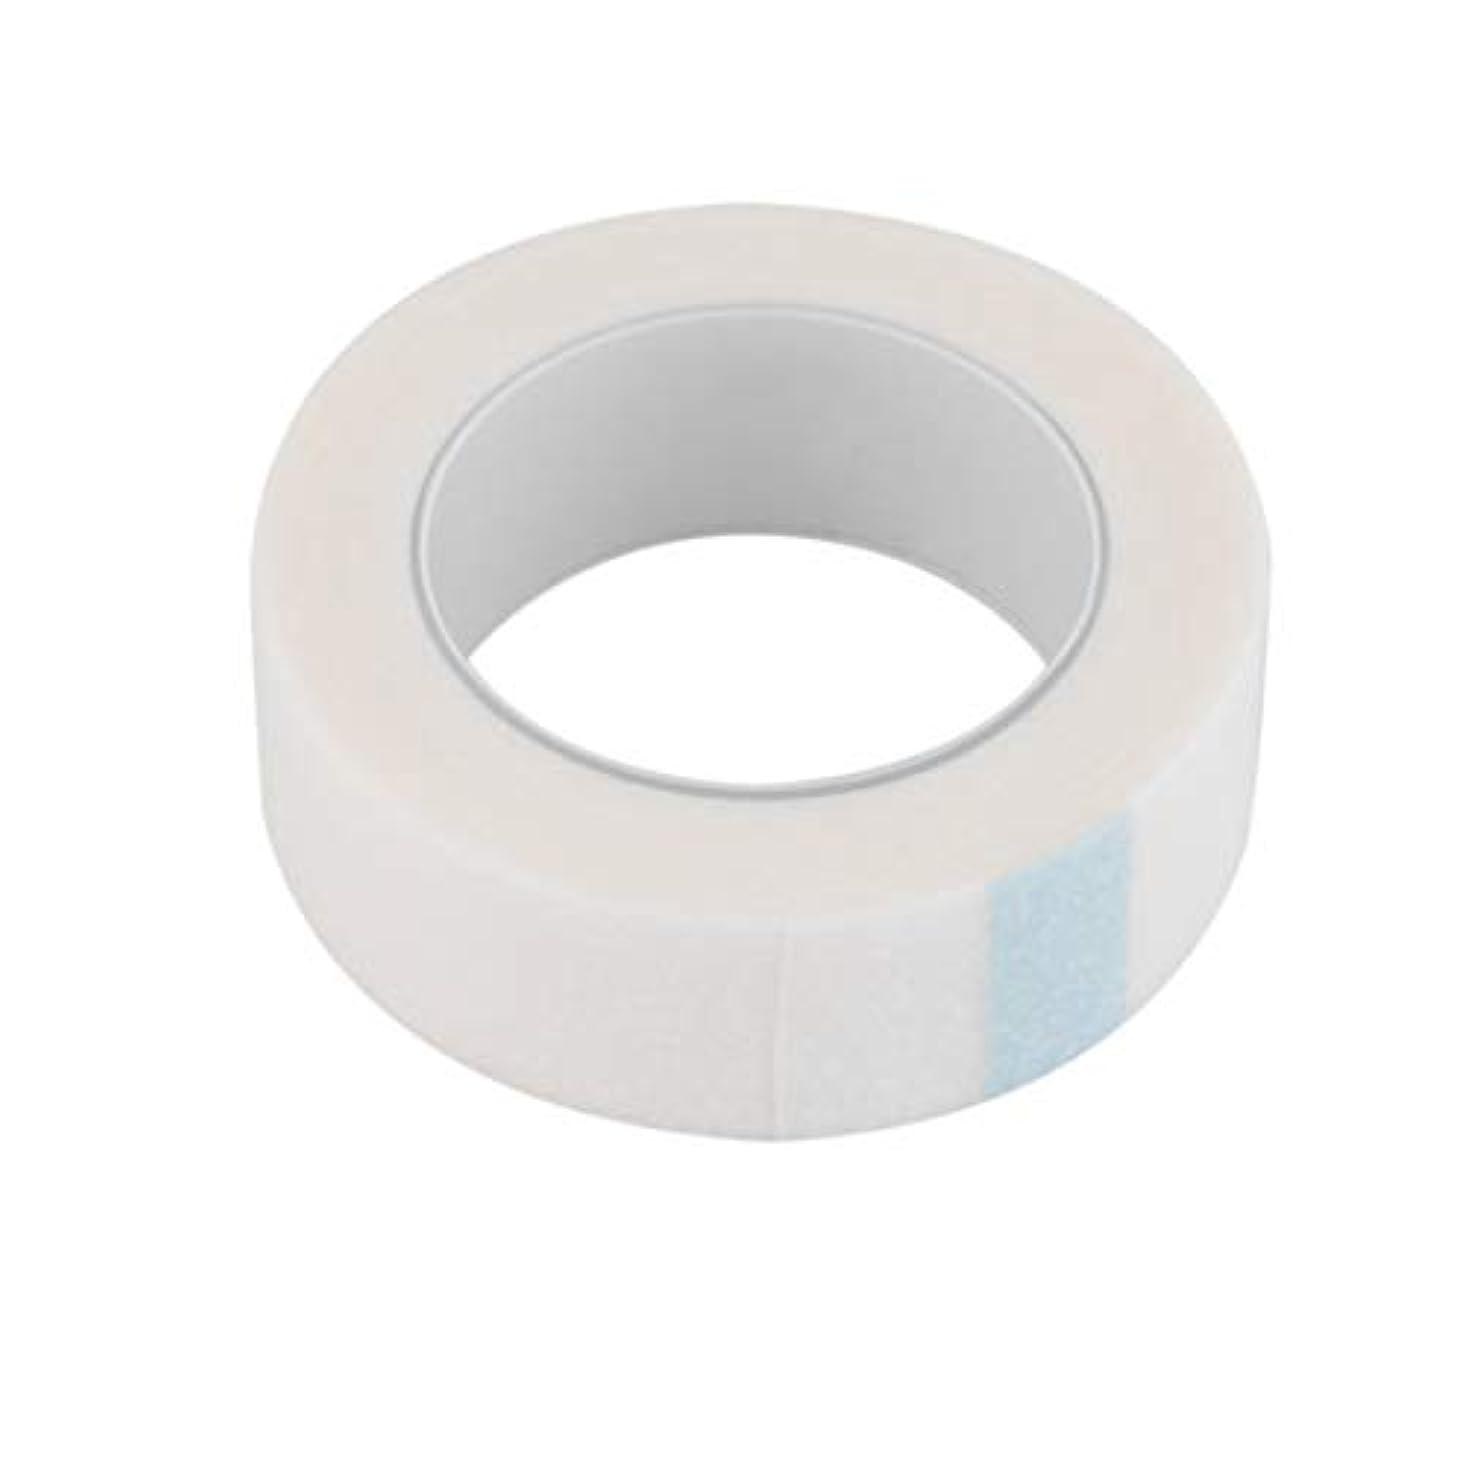 横に二層要求Intercorey 1ロール個々のまつげエクステンションツール供給医療テープ医療まつげエクステンションミクロ孔紙化粧